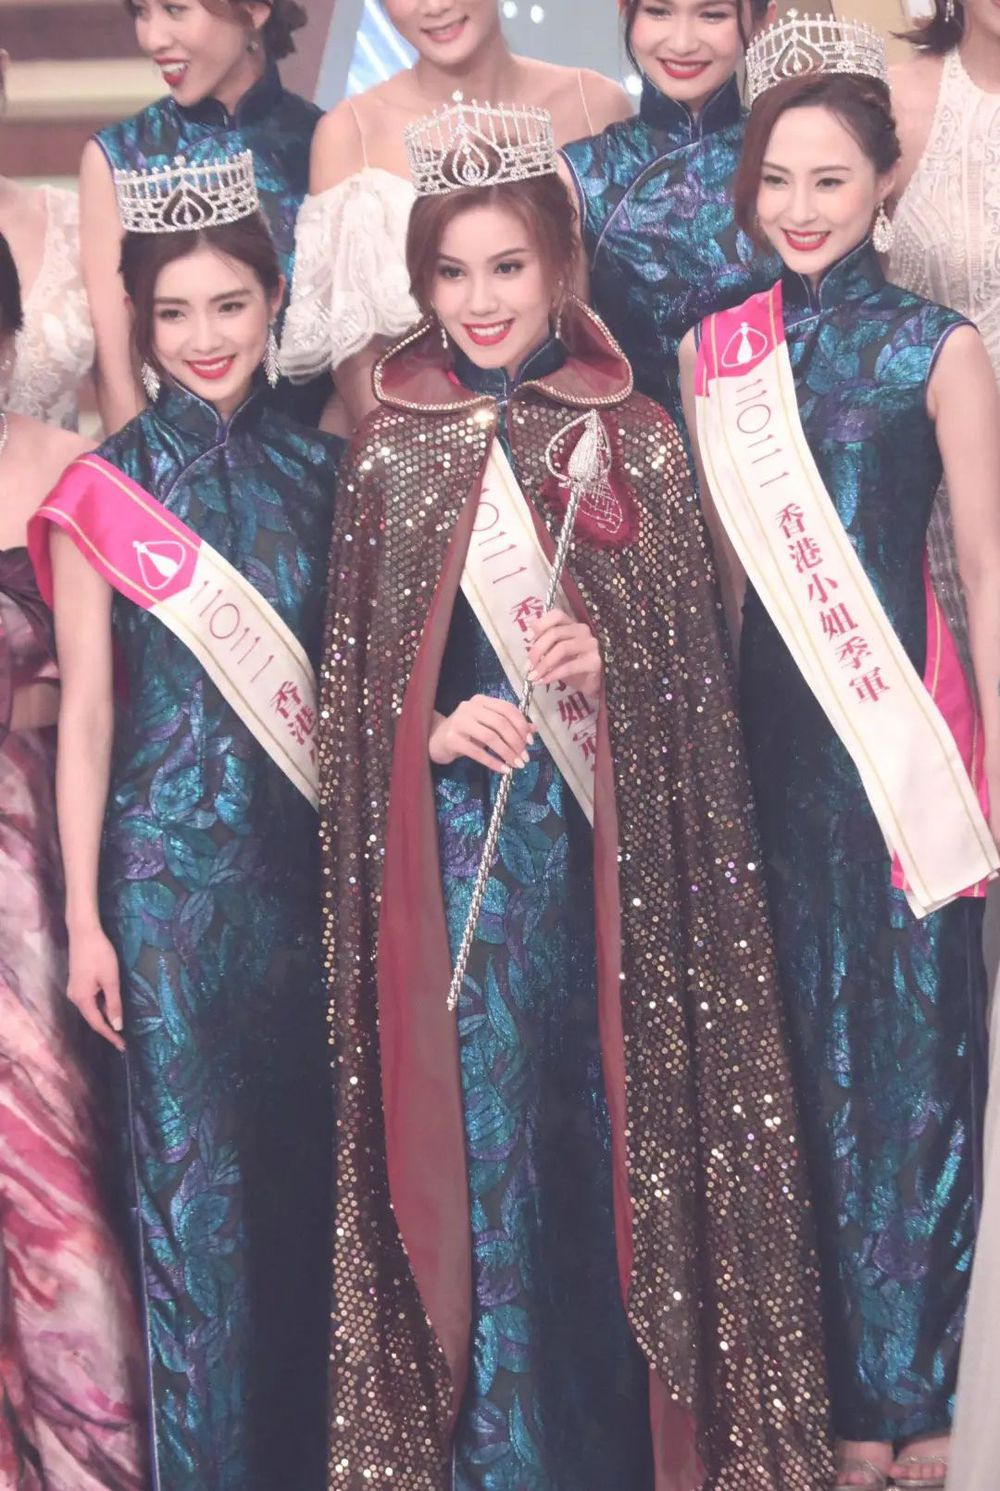 Nhan sắc gợi cảm của mỹ nữ gốc Việt đăng quang tại Hoa hậu Hong Kong 2021 - Ảnh 1.